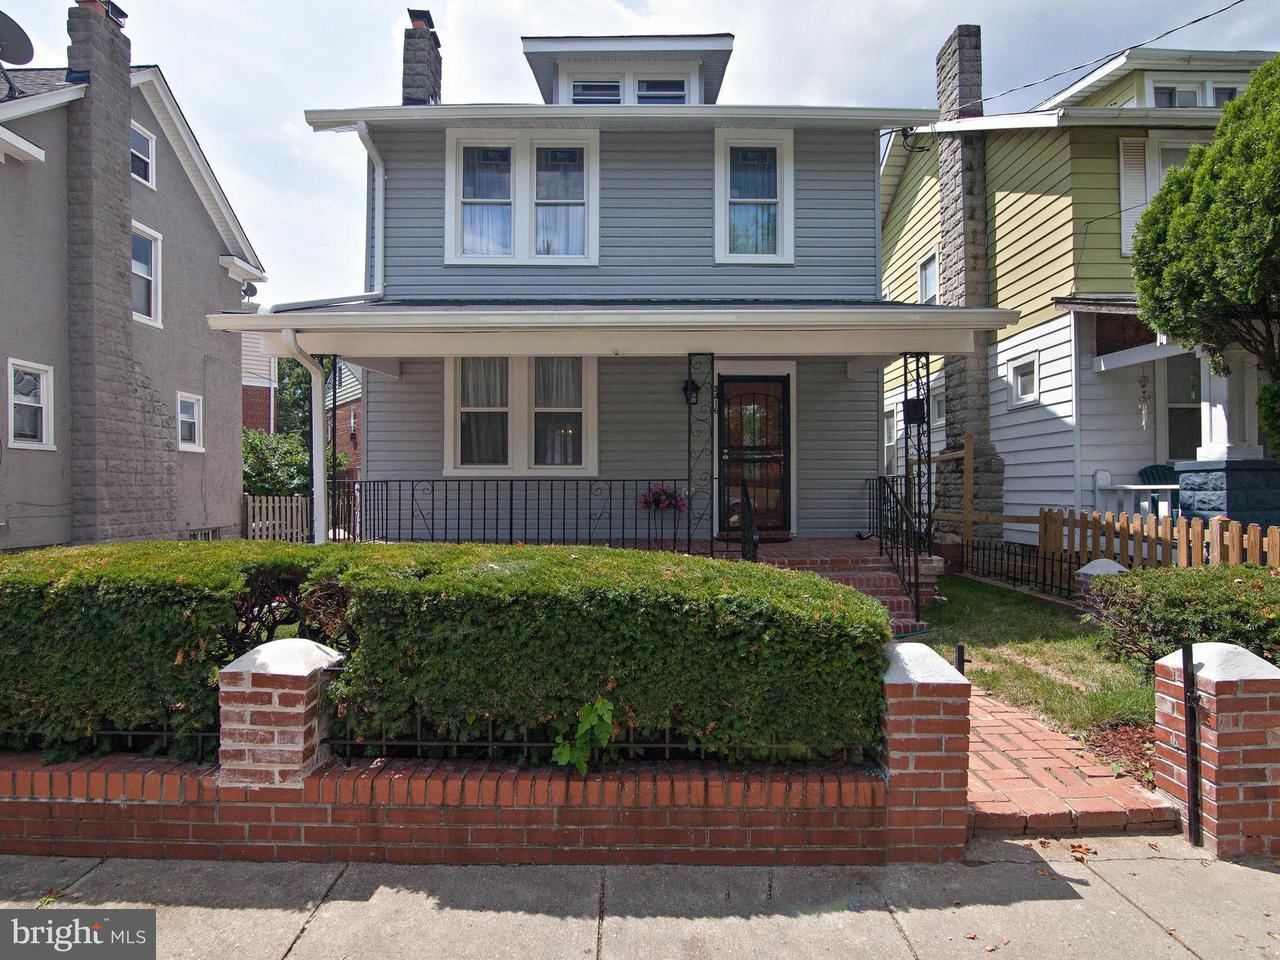 獨棟家庭住宅 為 出售 在 3416 24TH ST NE 3416 24TH ST NE Washington, 哥倫比亞特區 20018 美國